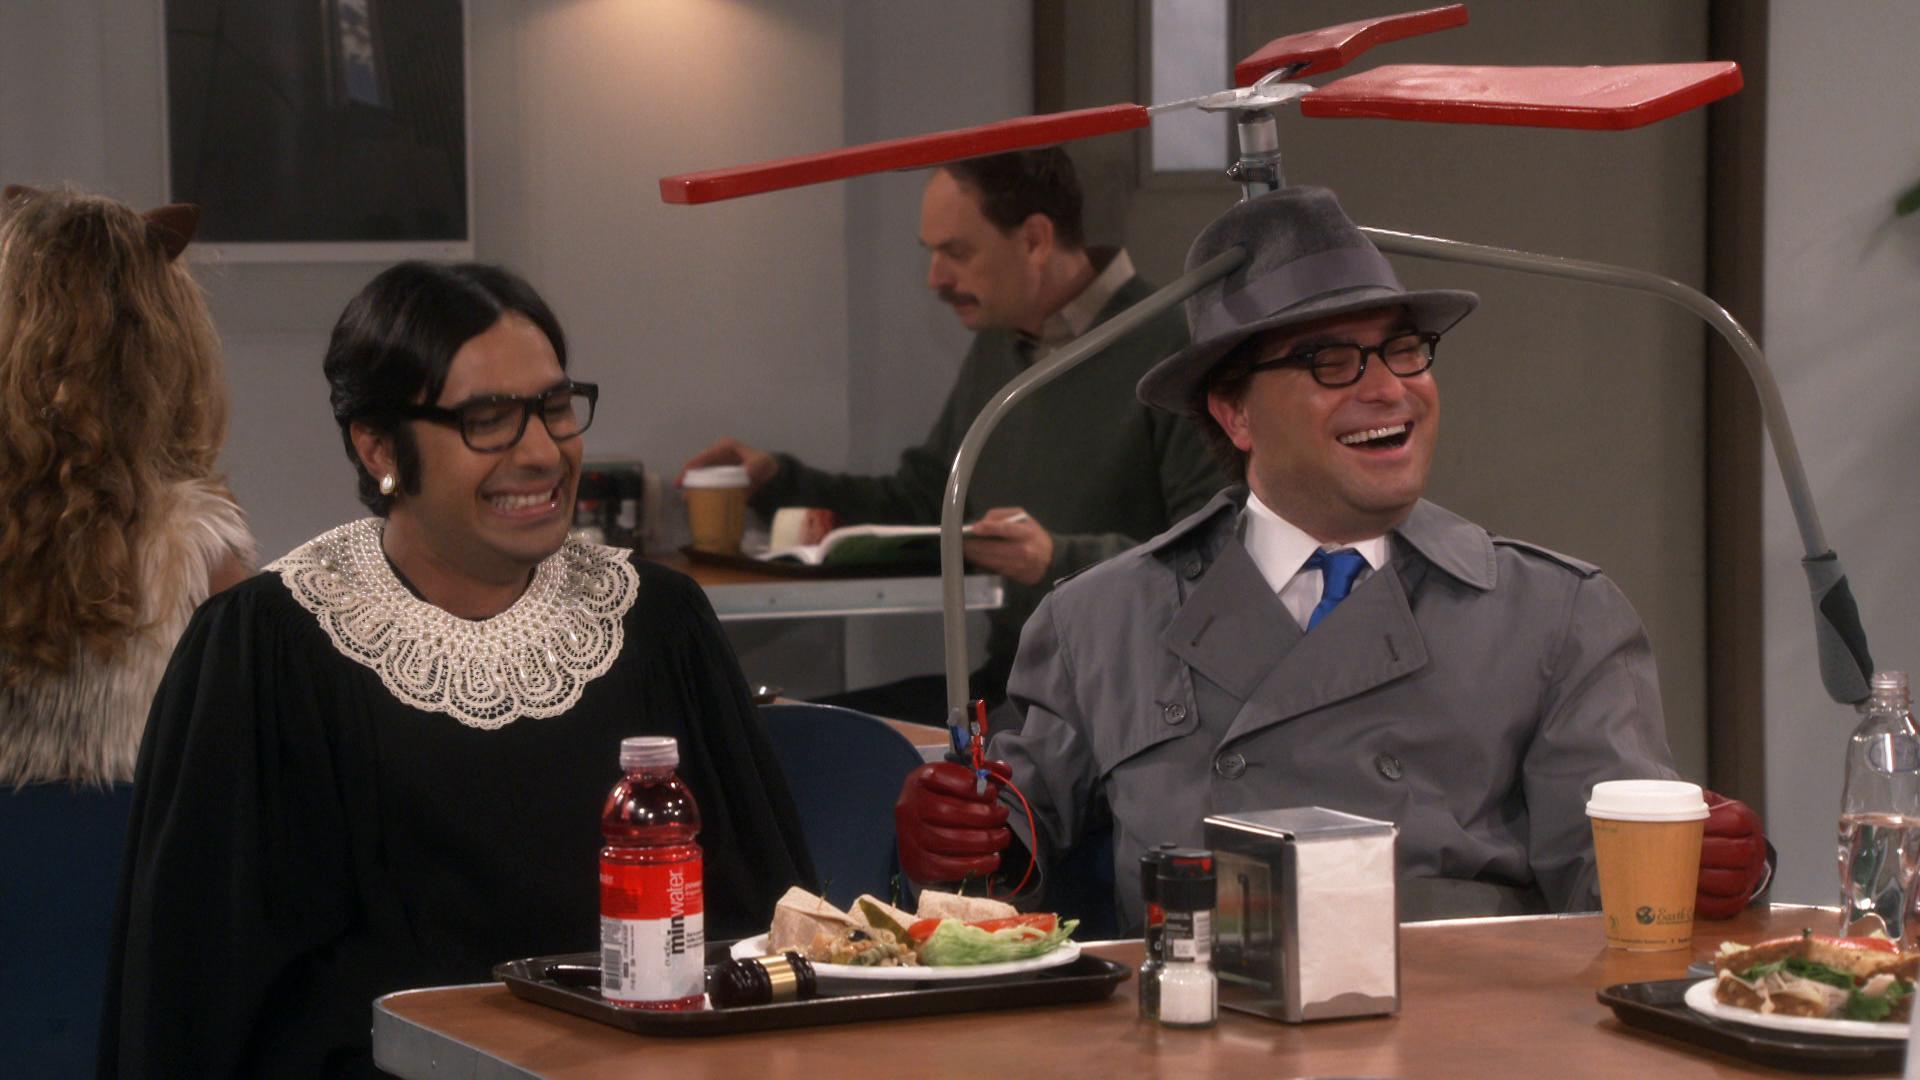 er Sheldon dating Bernadette i det virkelige liv overlevelse dating tjeneste